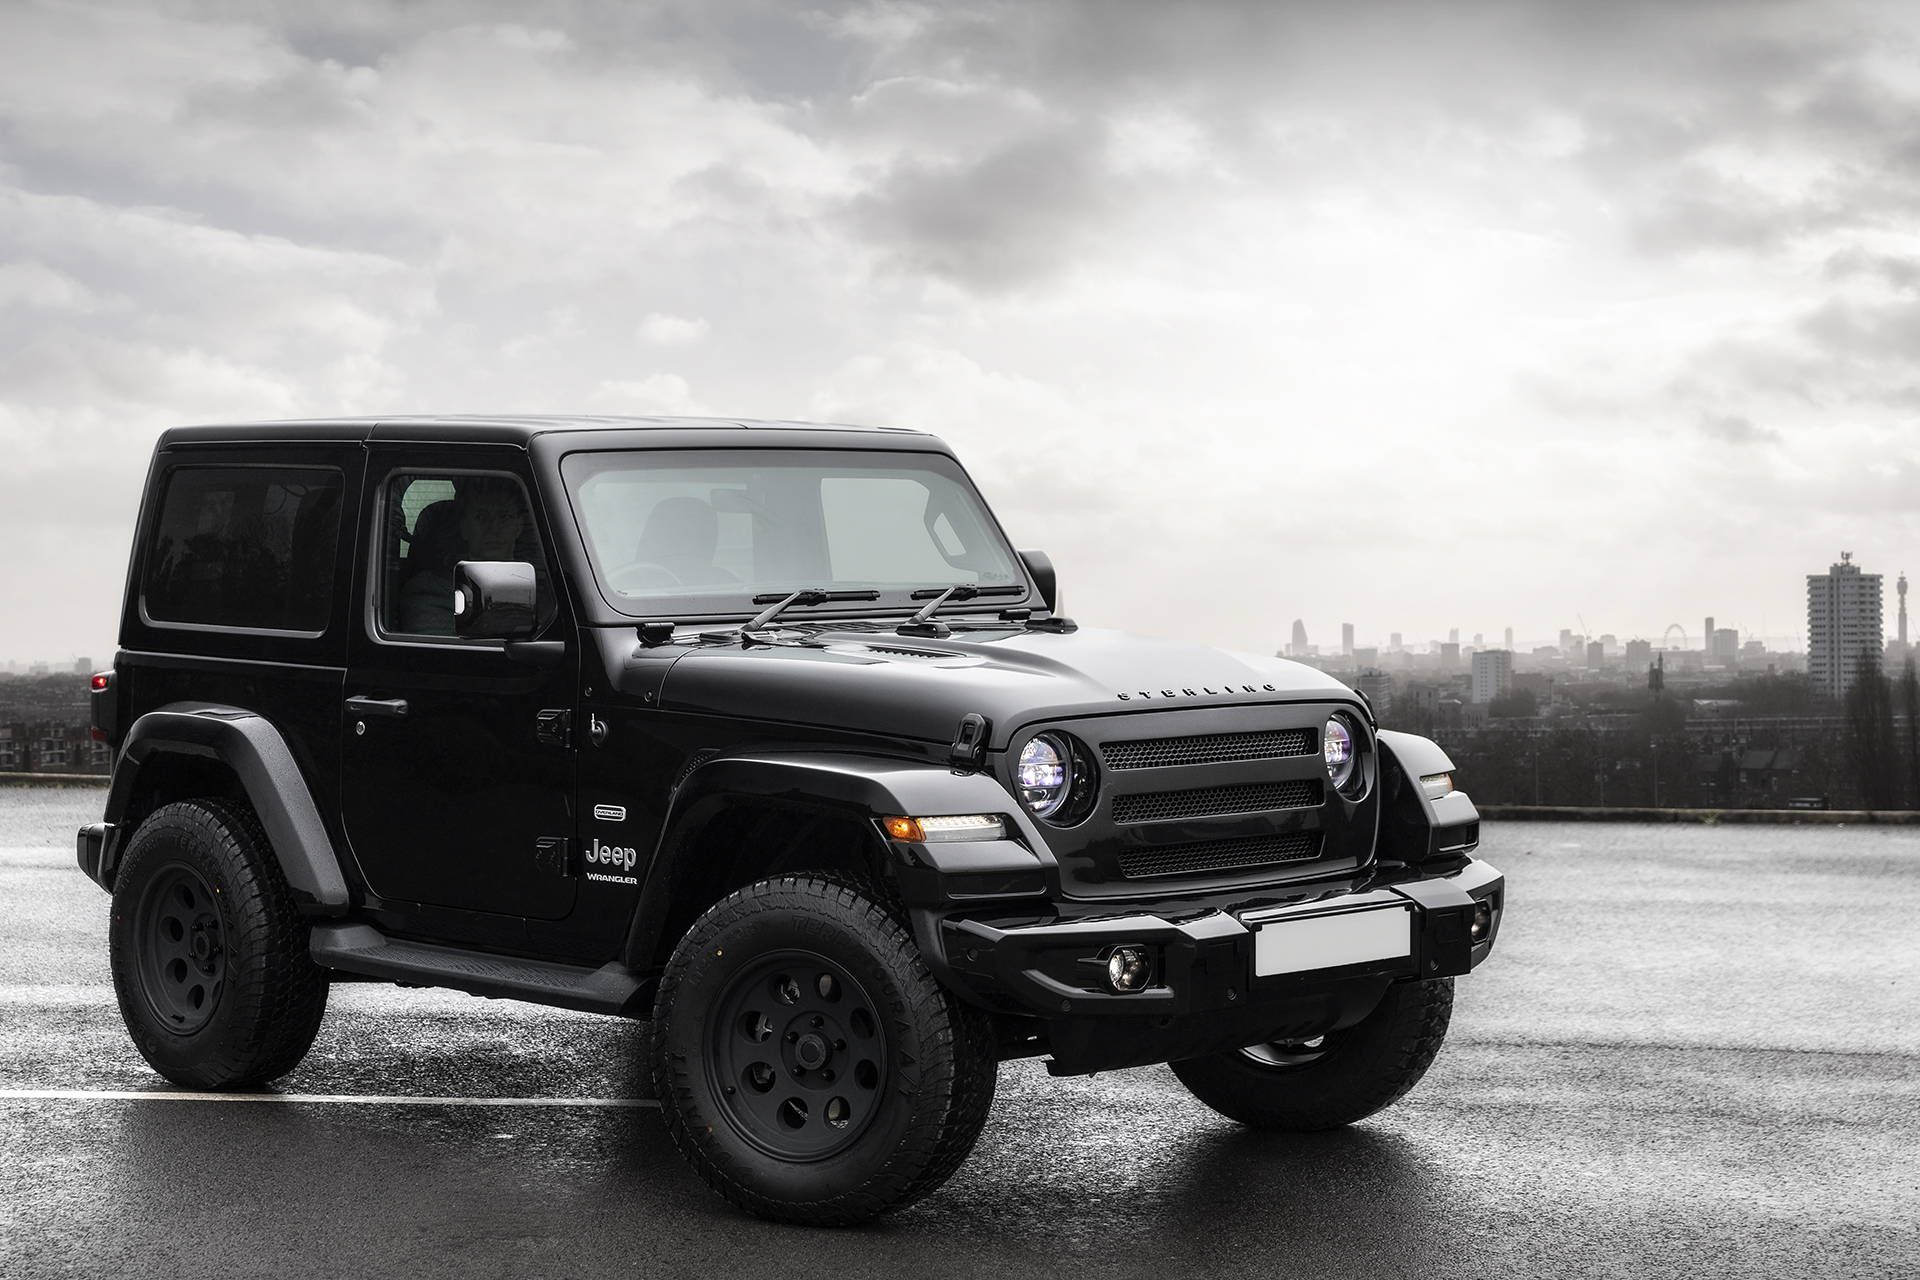 Jeep Wrangler Jl Sterling Automotive Design Ltd En 2020 Autos Deportivos De Lujo Autos Deportivos Autos